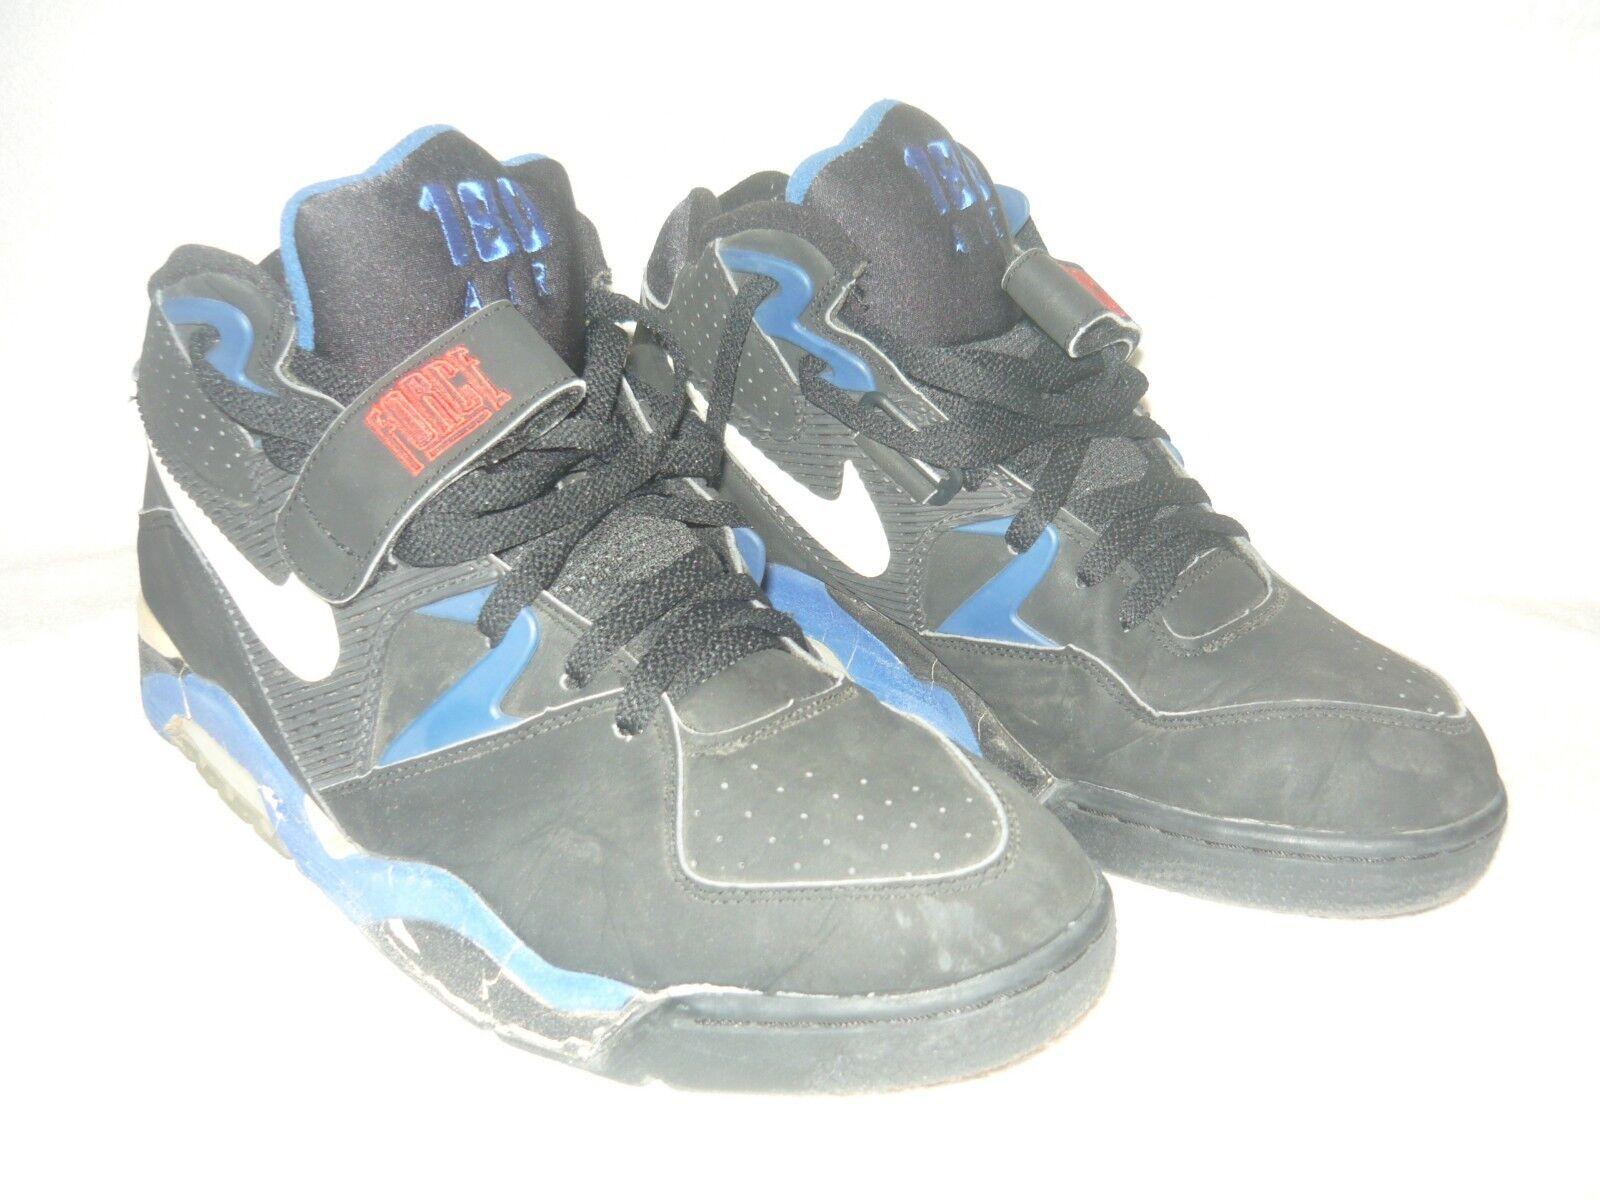 Nike Air Force 180 130010-010 size 12 Black-Royal bluee 1992 OG original vintage